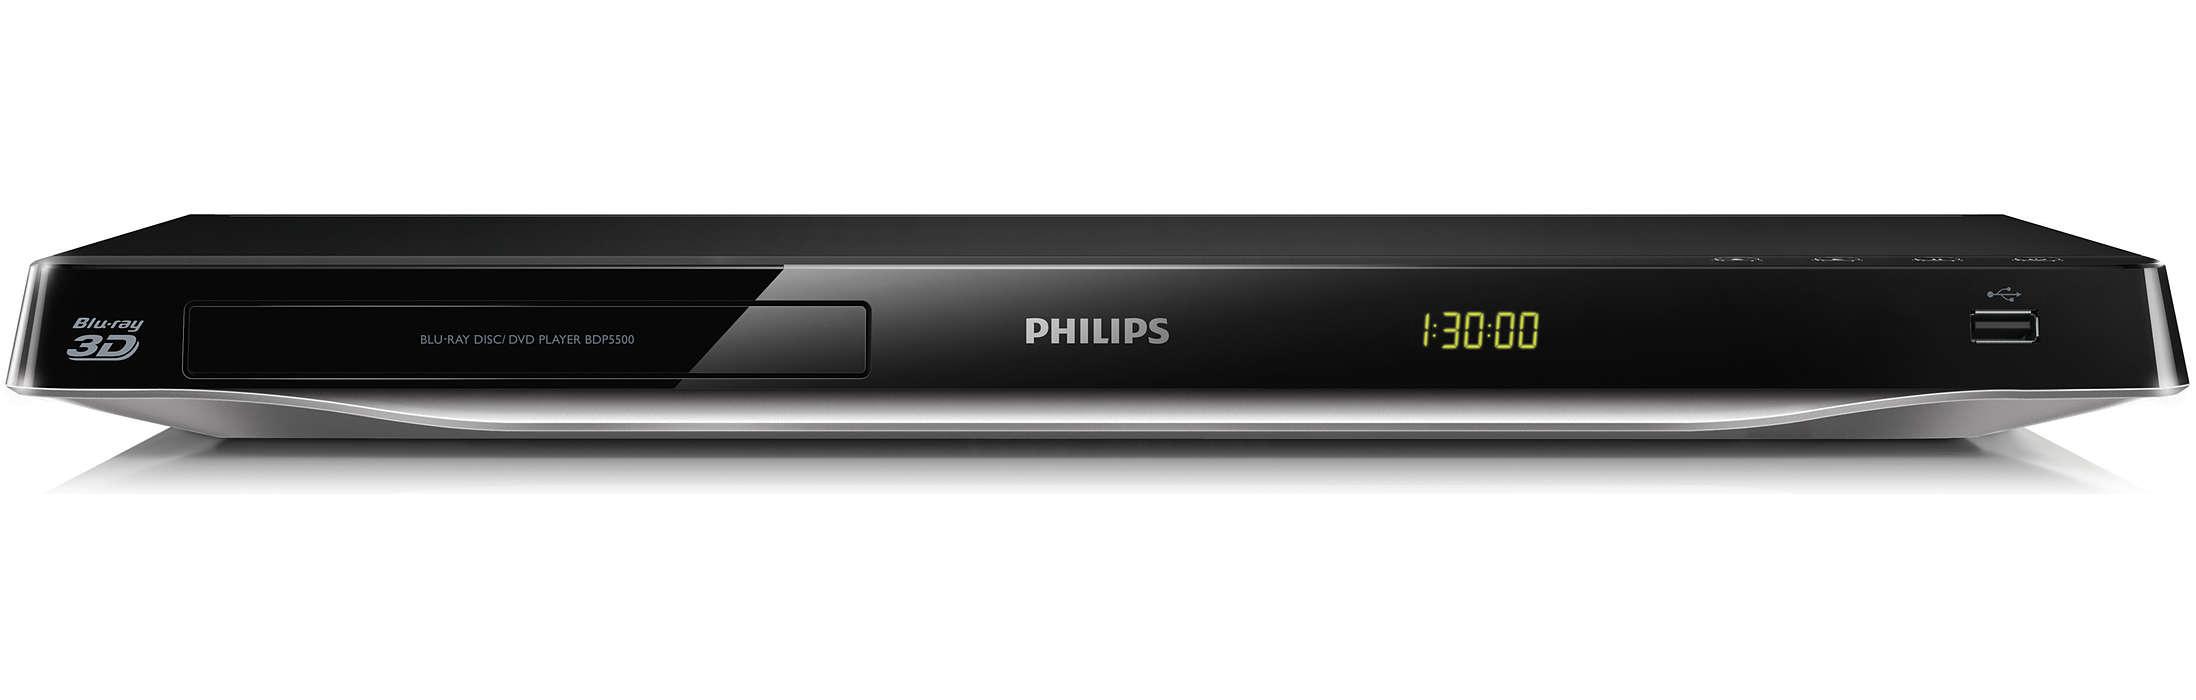 Filmy Blu-ray 3D i najlepsze strony internetowe w telewizorze